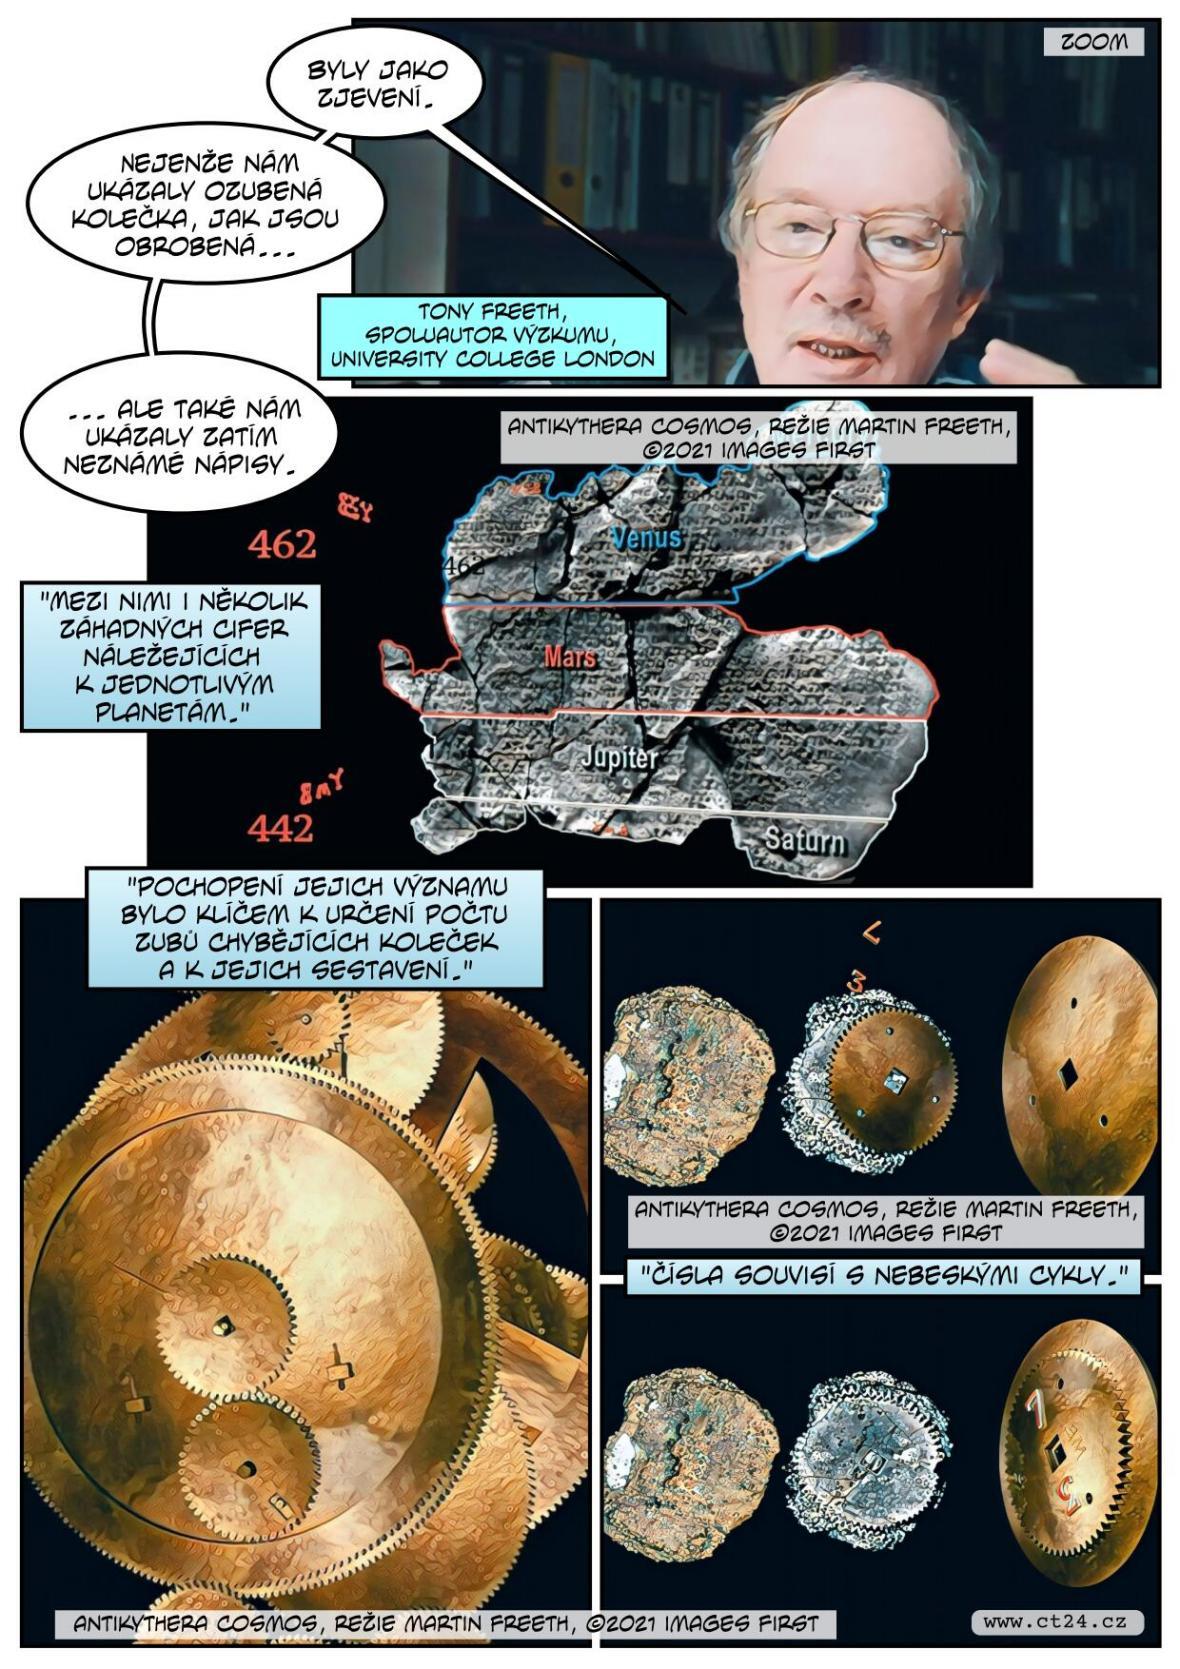 Vědcům se podařilo rozluštit, jak fungoval starověký mechanismus z Antikythéry